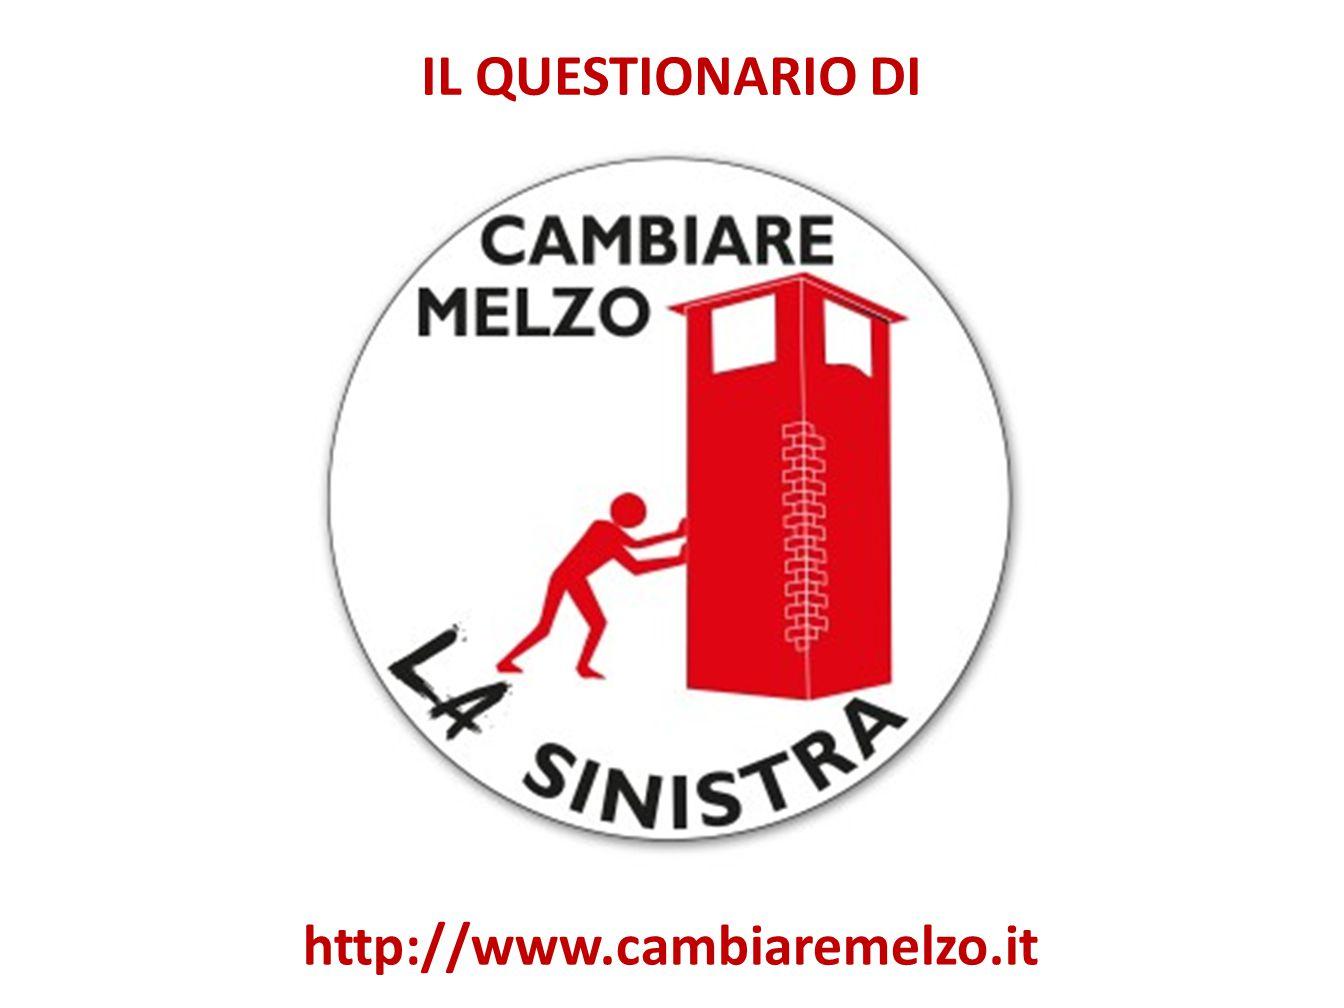 IL QUESTIONARIO DI http://www.cambiaremelzo.it